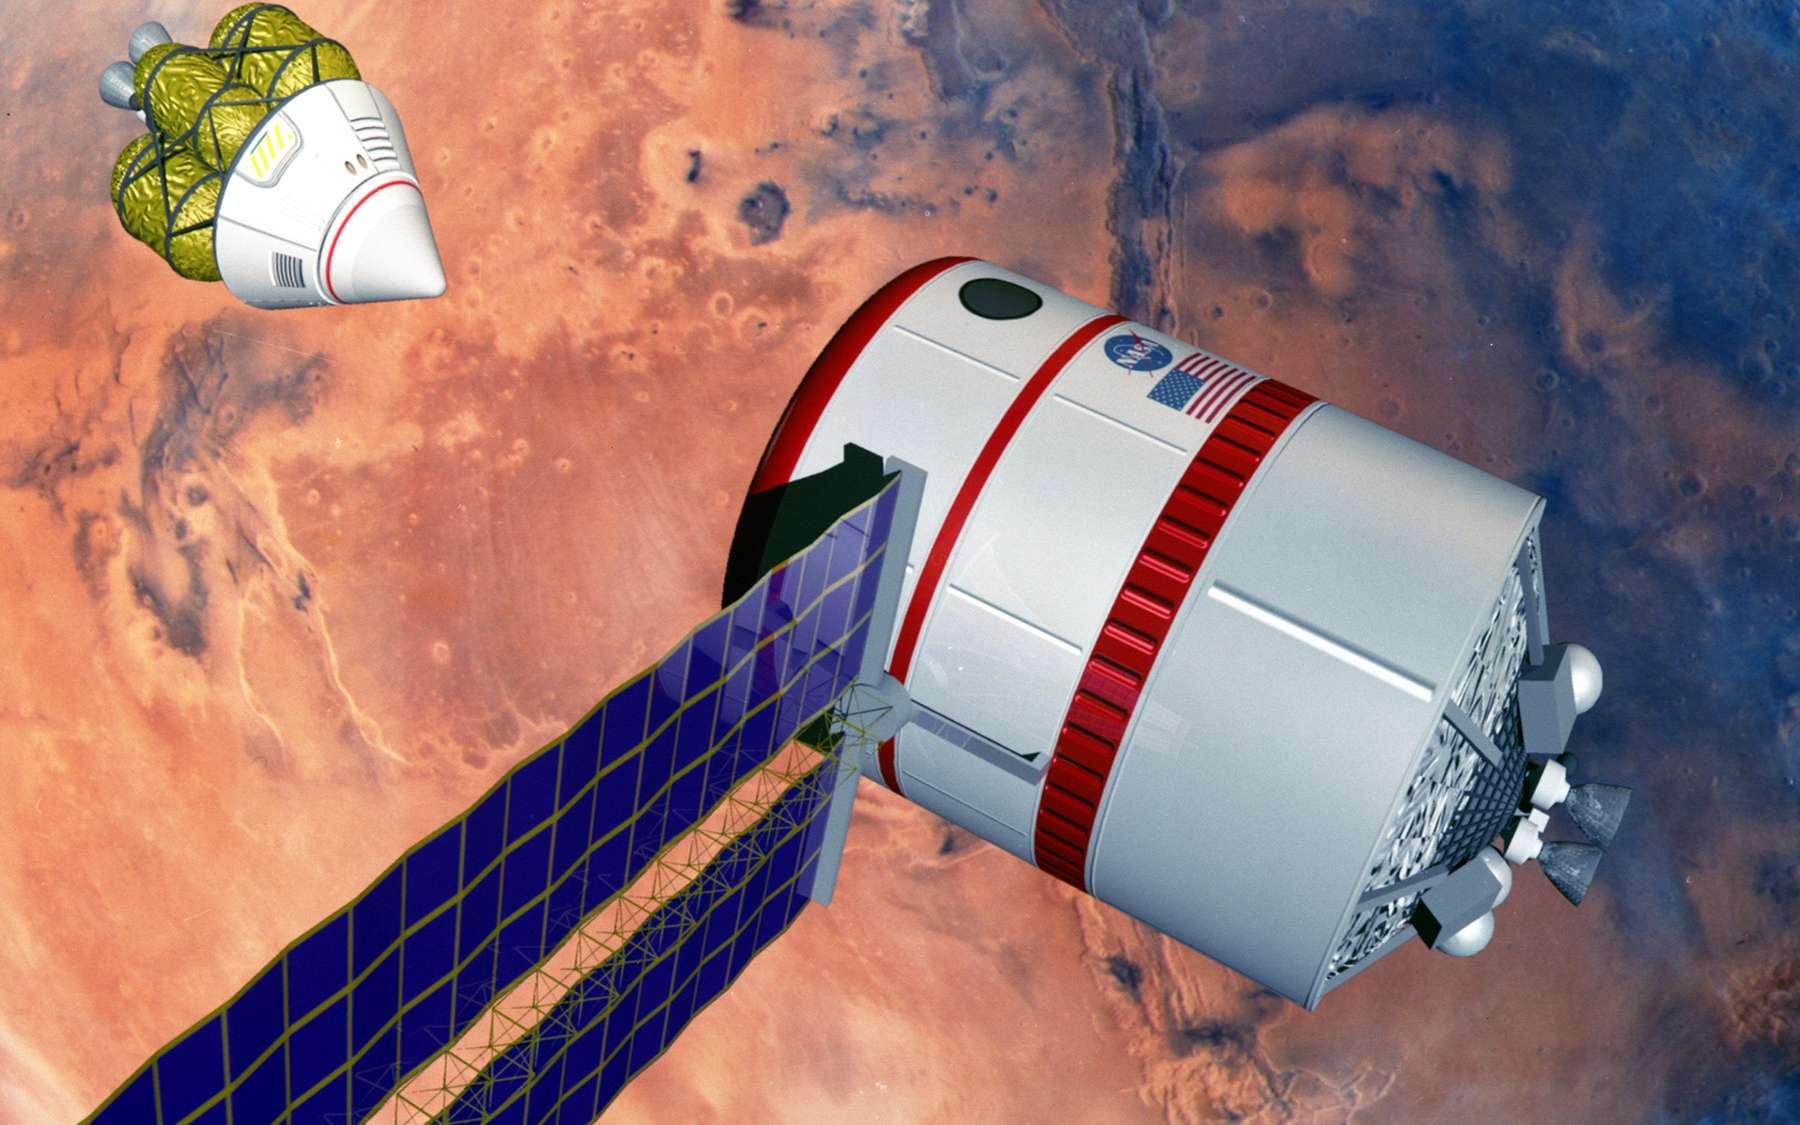 Les agences spatiales et les promoteurs privés en concurrence pour le vol habité vers Mars peuvent être satisfaits : Curiosity a pour ainsi dire retiré les radiations de la liste des critères épineux qui empêchaient la réalisation de ce type de voyage. On voit ici une des études de la Nasa. Une capsule, à gauche, vient de quitter Mars, et son équipage va bientôt embarquer le grand vaisseau, en orbite martienne, et qui ramènera les explorateurs jusqu'à la Terre. © Nasa, centre spatial Johnson